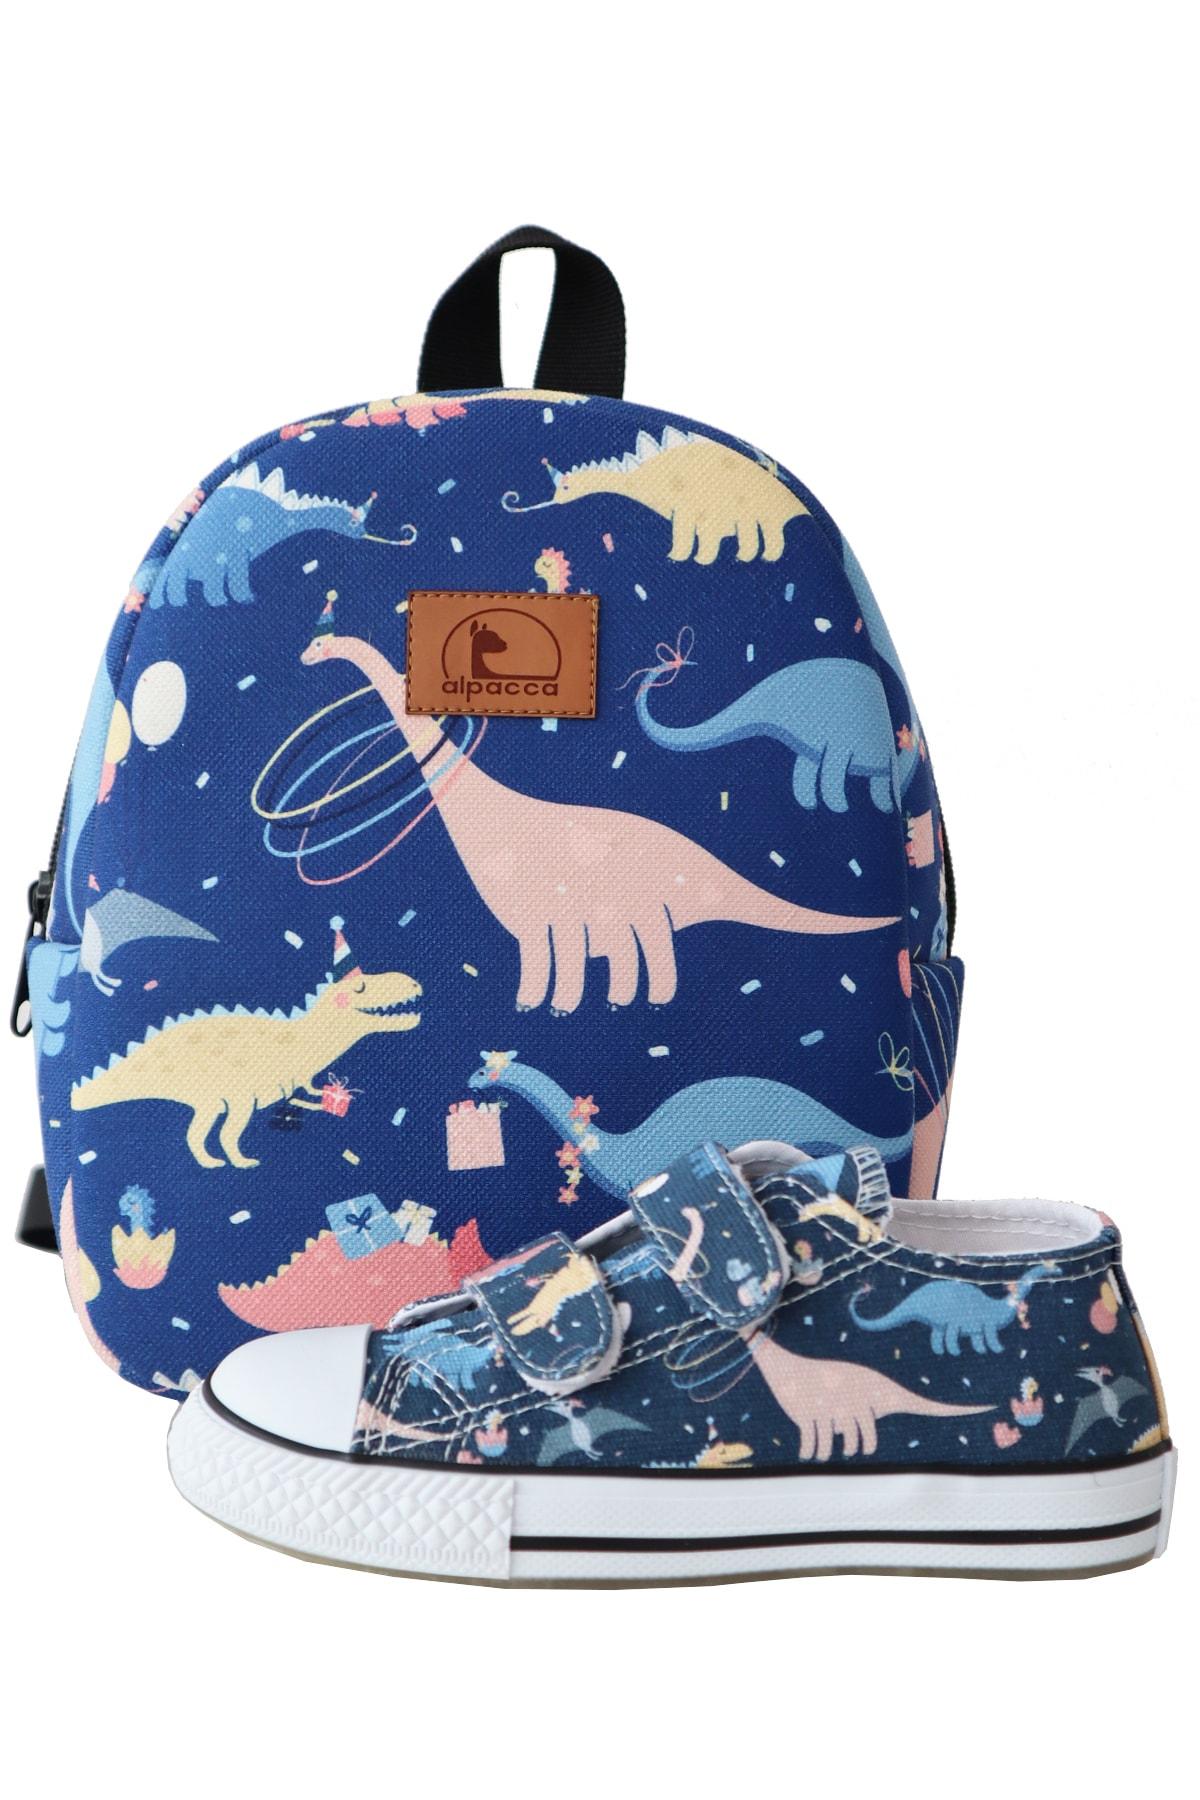 Alpacca Çocuk Dinozor Partisi Ayakkabı Çanta Kombin 1